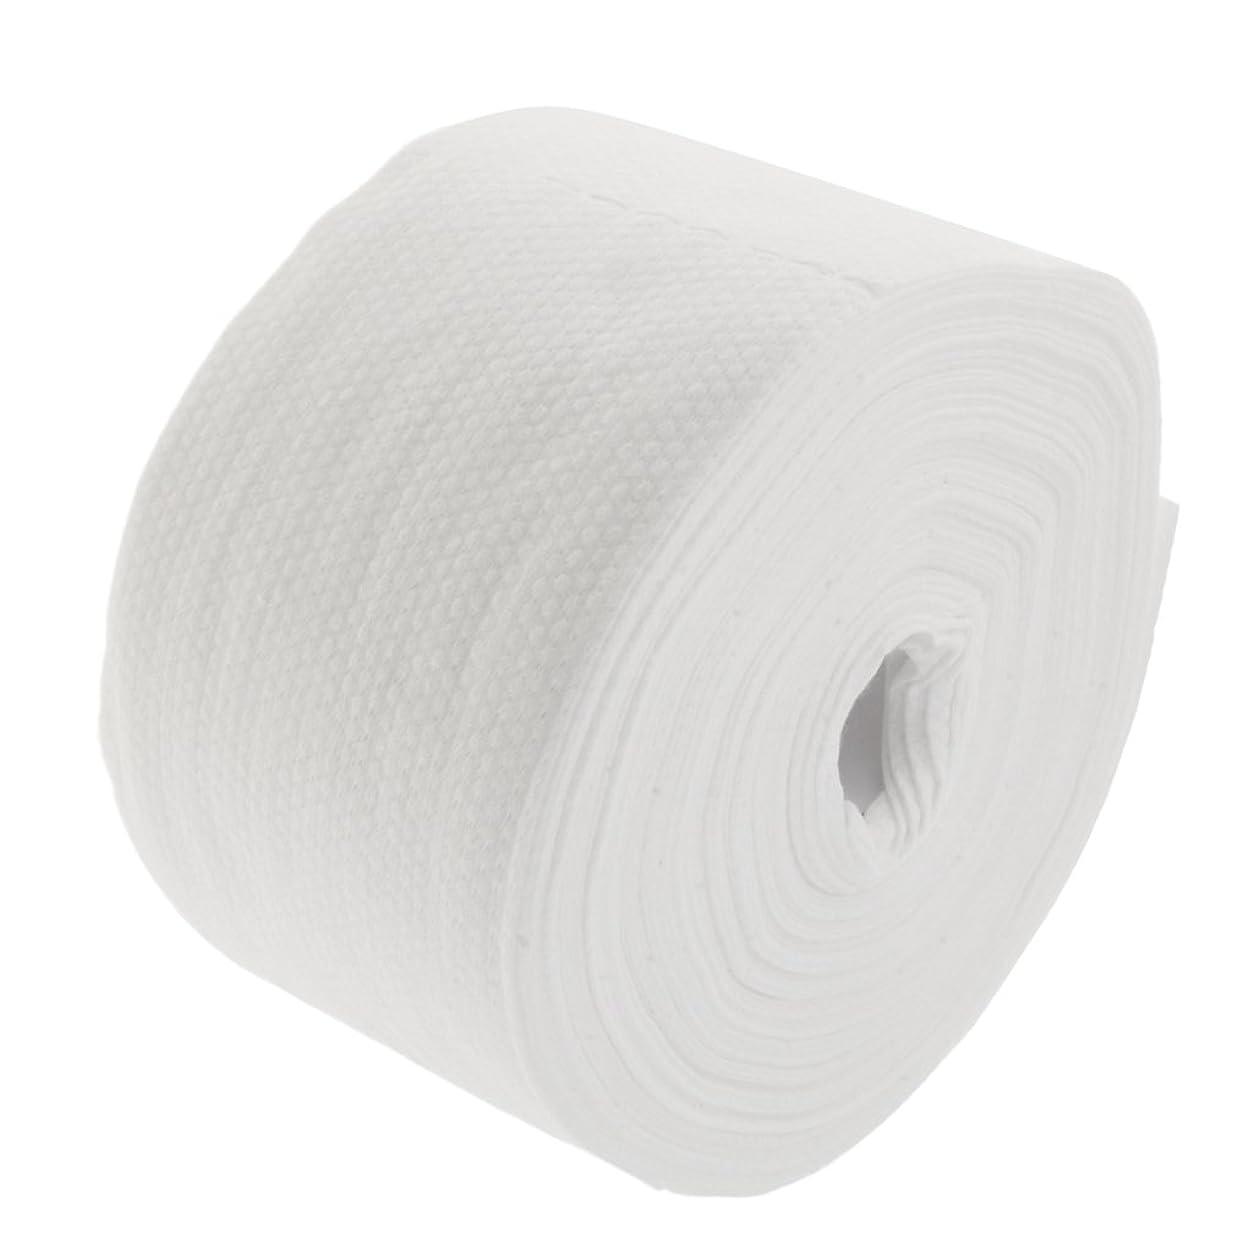 承知しました十分です今後Perfeclan ロール式 使い捨て フェイシャルタオル 30M 使い捨てタオル 繊維 クレンジング フェイシャル メイクリムーバー 2タイプ選べる - #2